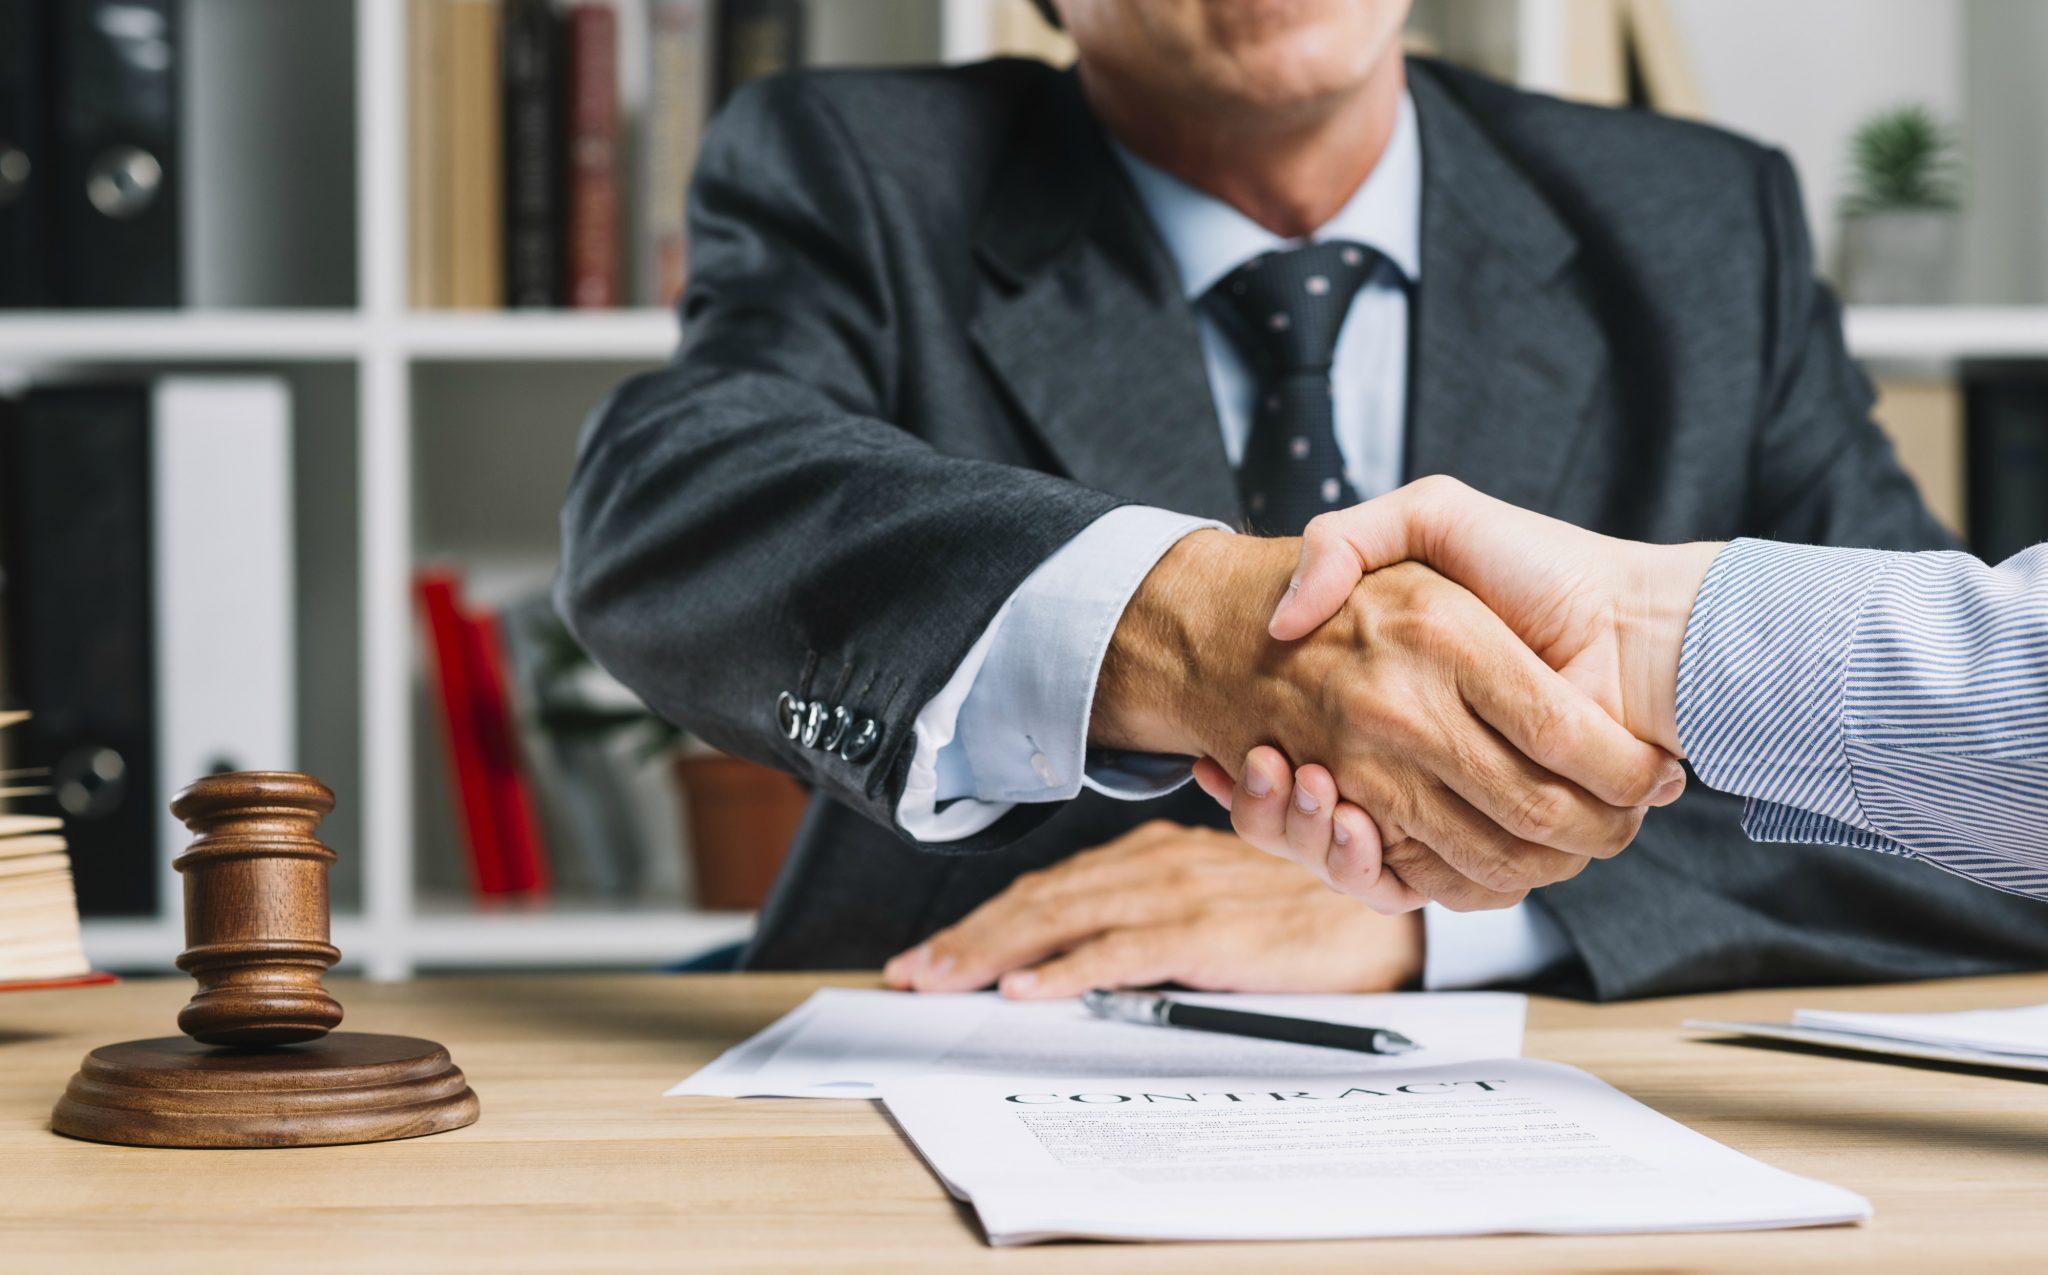 Ascoferj obteve vitória para farmácia de manipulação associada